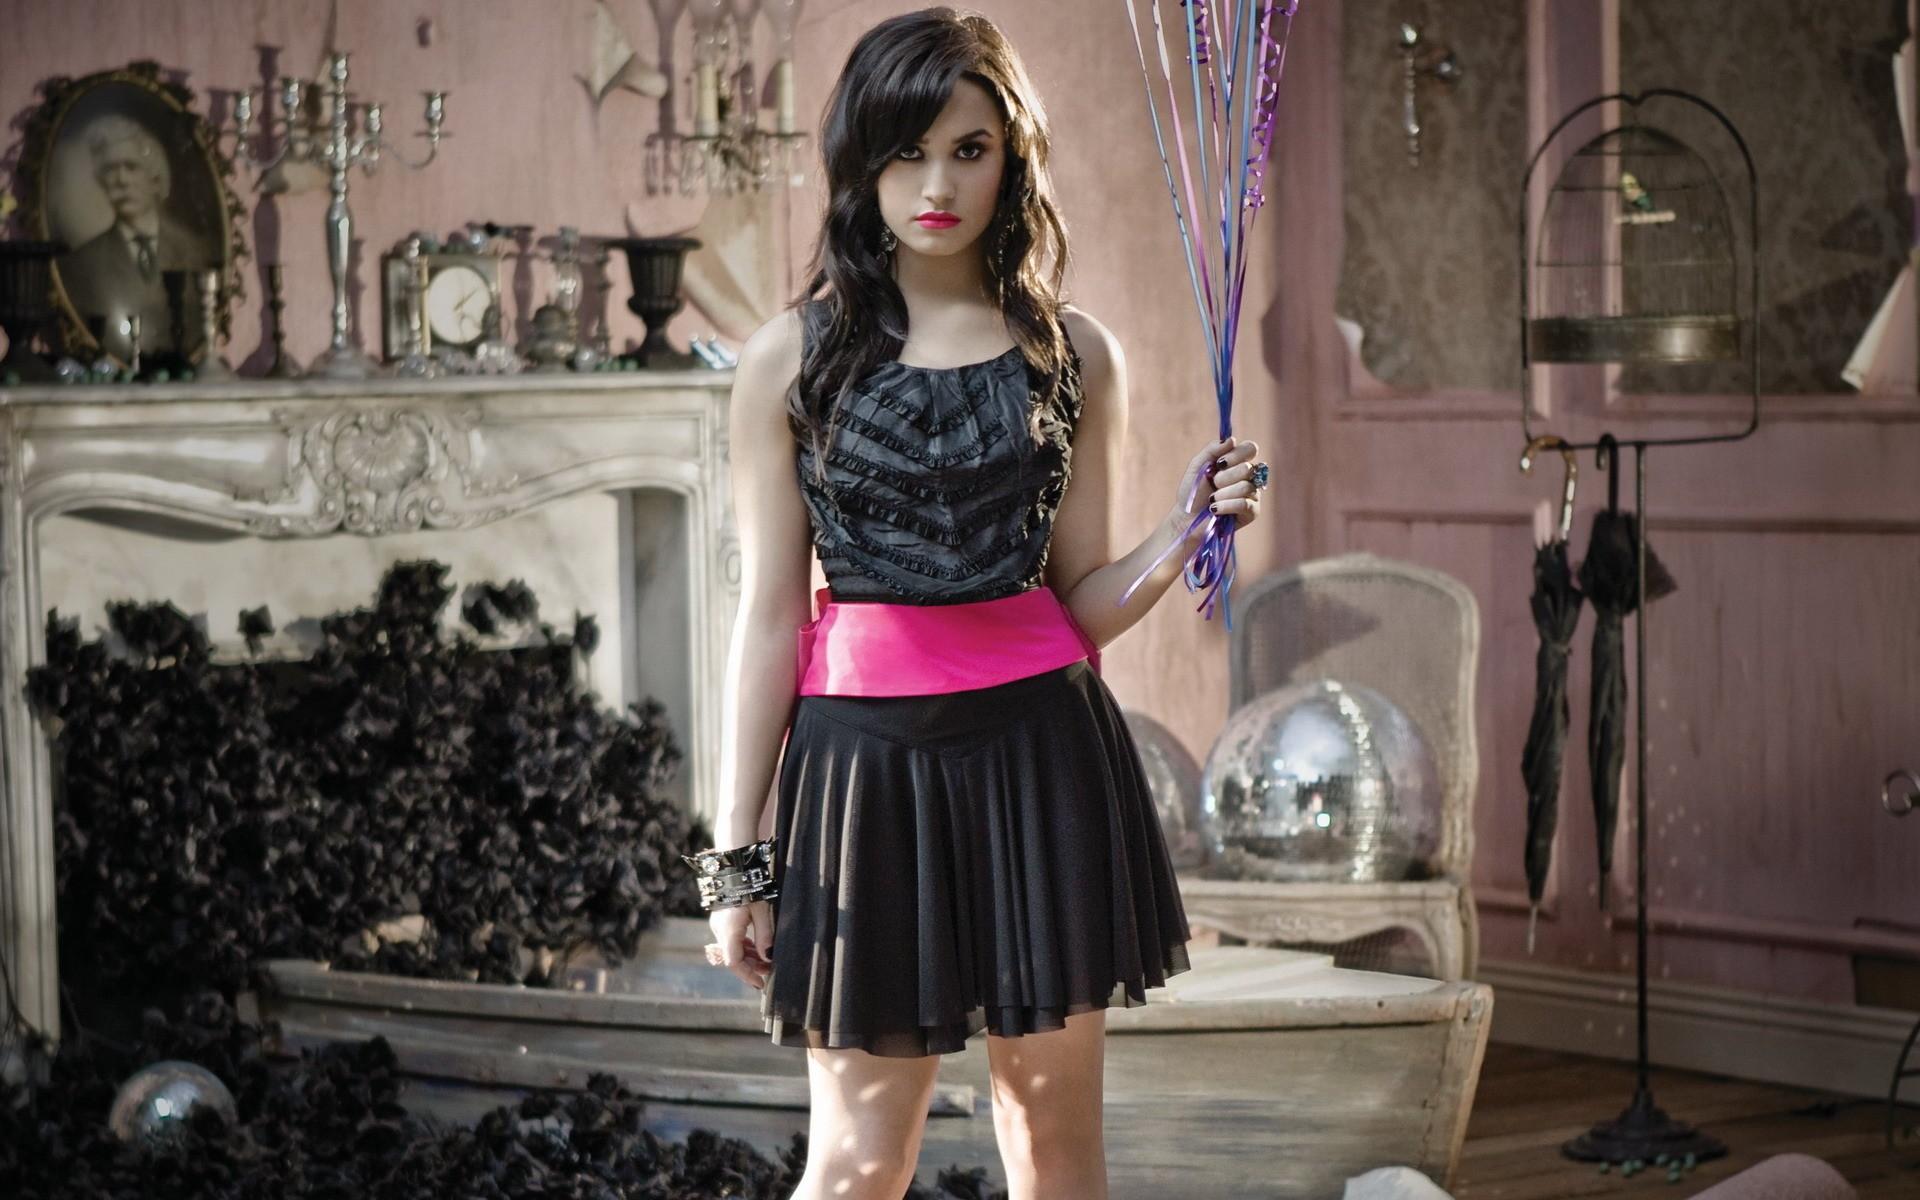 Demi Lovato fotos 2013 - 1920x1200